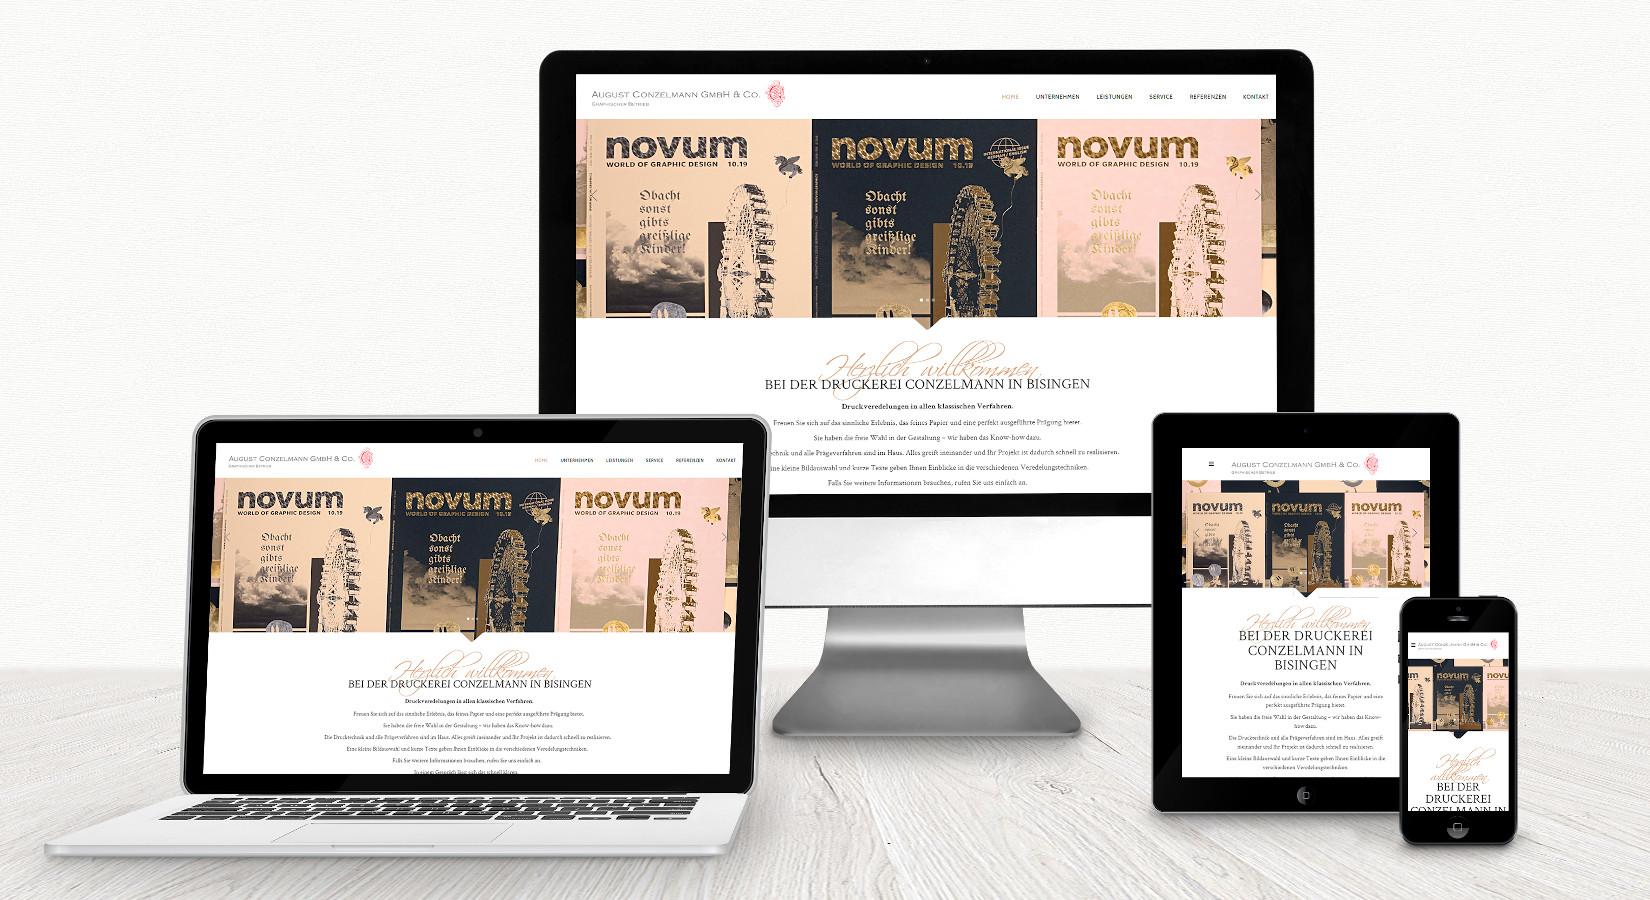 Website der Druckerei Conzelmann Bisingen auf verschiedenen Displays